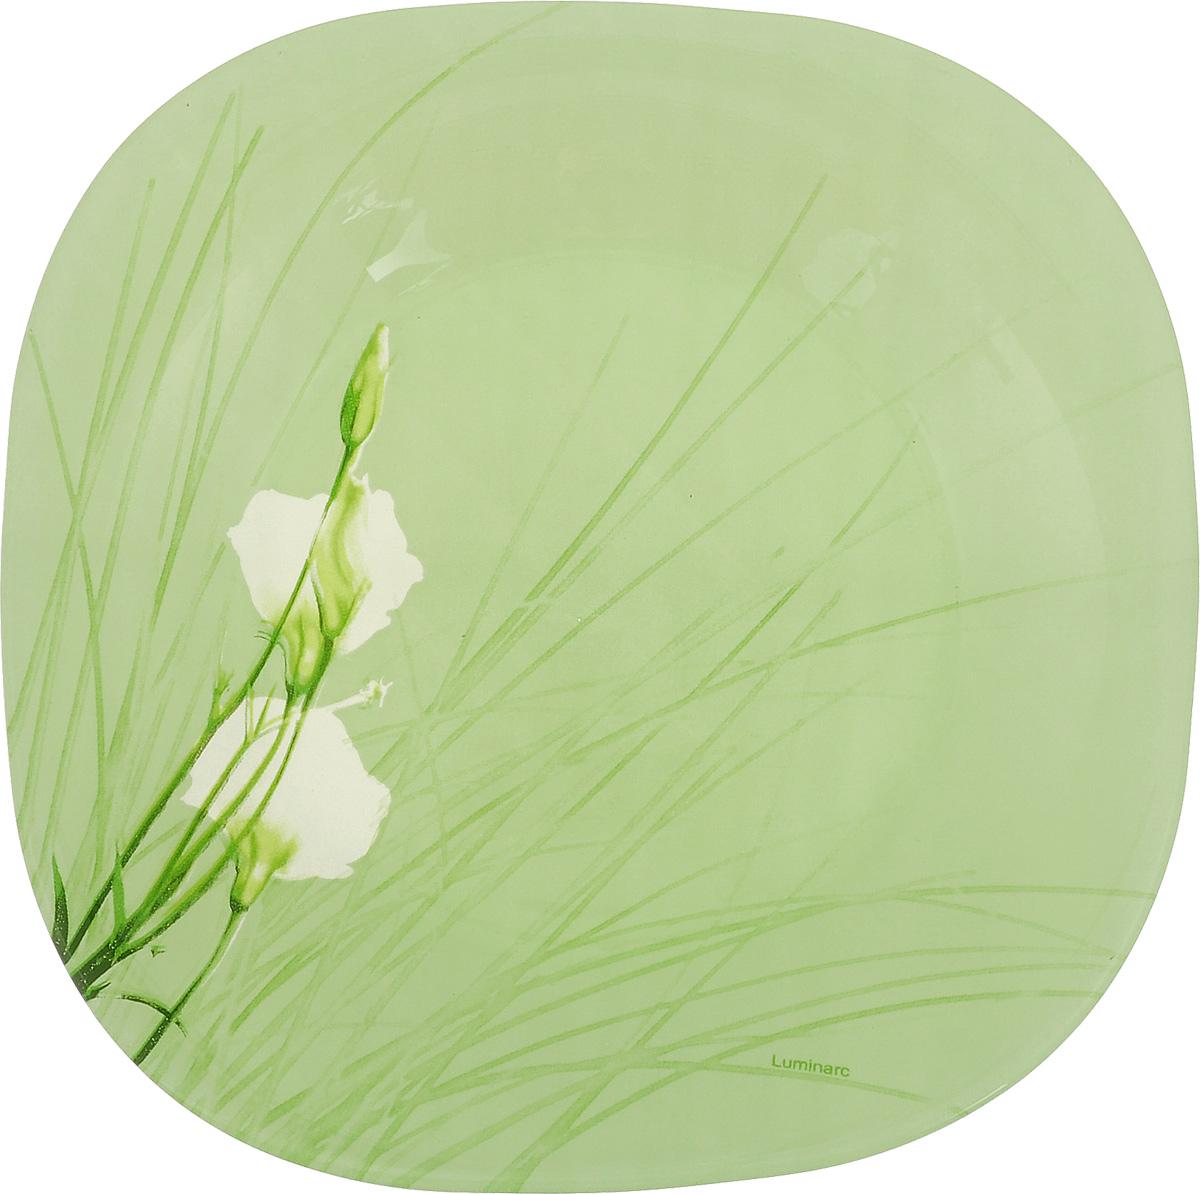 Тарелка десертная Luminarc Sofiane, цвет: зеленый, 18 х 18 смJ7808Десертная тарелка Luminarc Sofiane, изготовленная из ударопрочного стекла, декорирована ярким рисунком. Такая тарелка прекрасно подходит как для торжественных случаев, так и для повседневного использования. Идеальна для подачи десертов, пирожных, тортов и многого другого. Она прекрасно оформит стол и станет отличным дополнением к вашей коллекции кухонной посуды. Размер тарелки (по верхнему краю): 18 см.